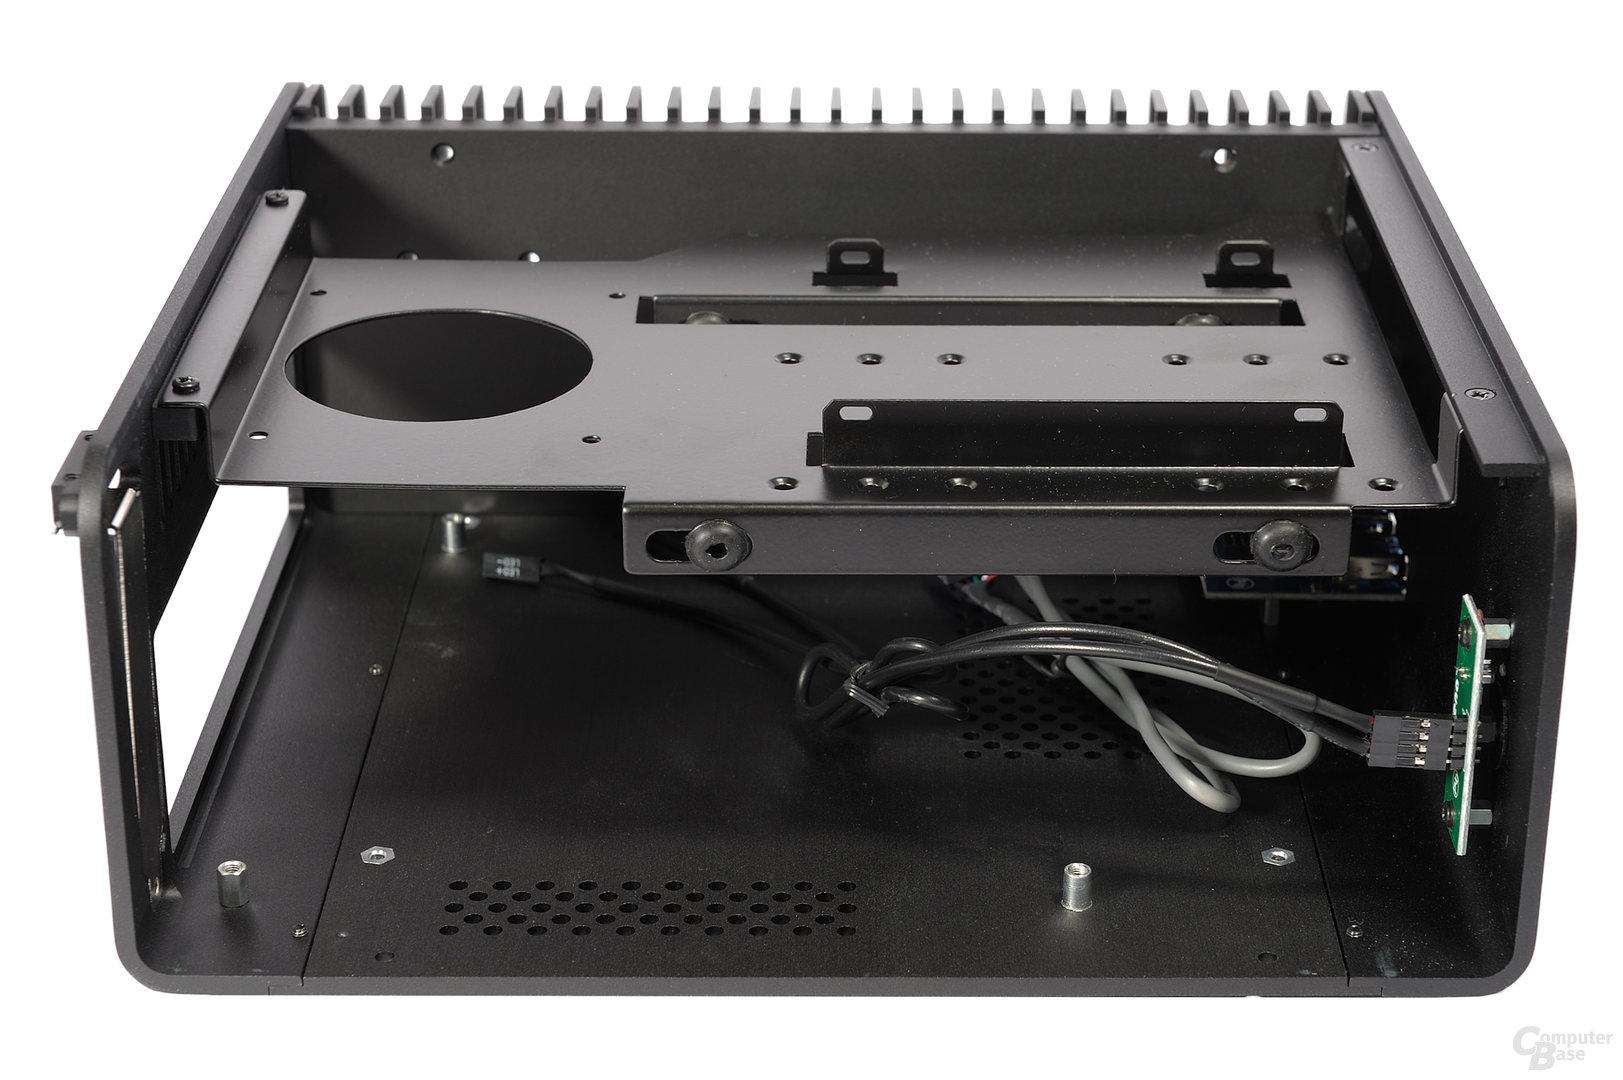 Streacom FC8 Evo – Innenraumansicht mit Träger